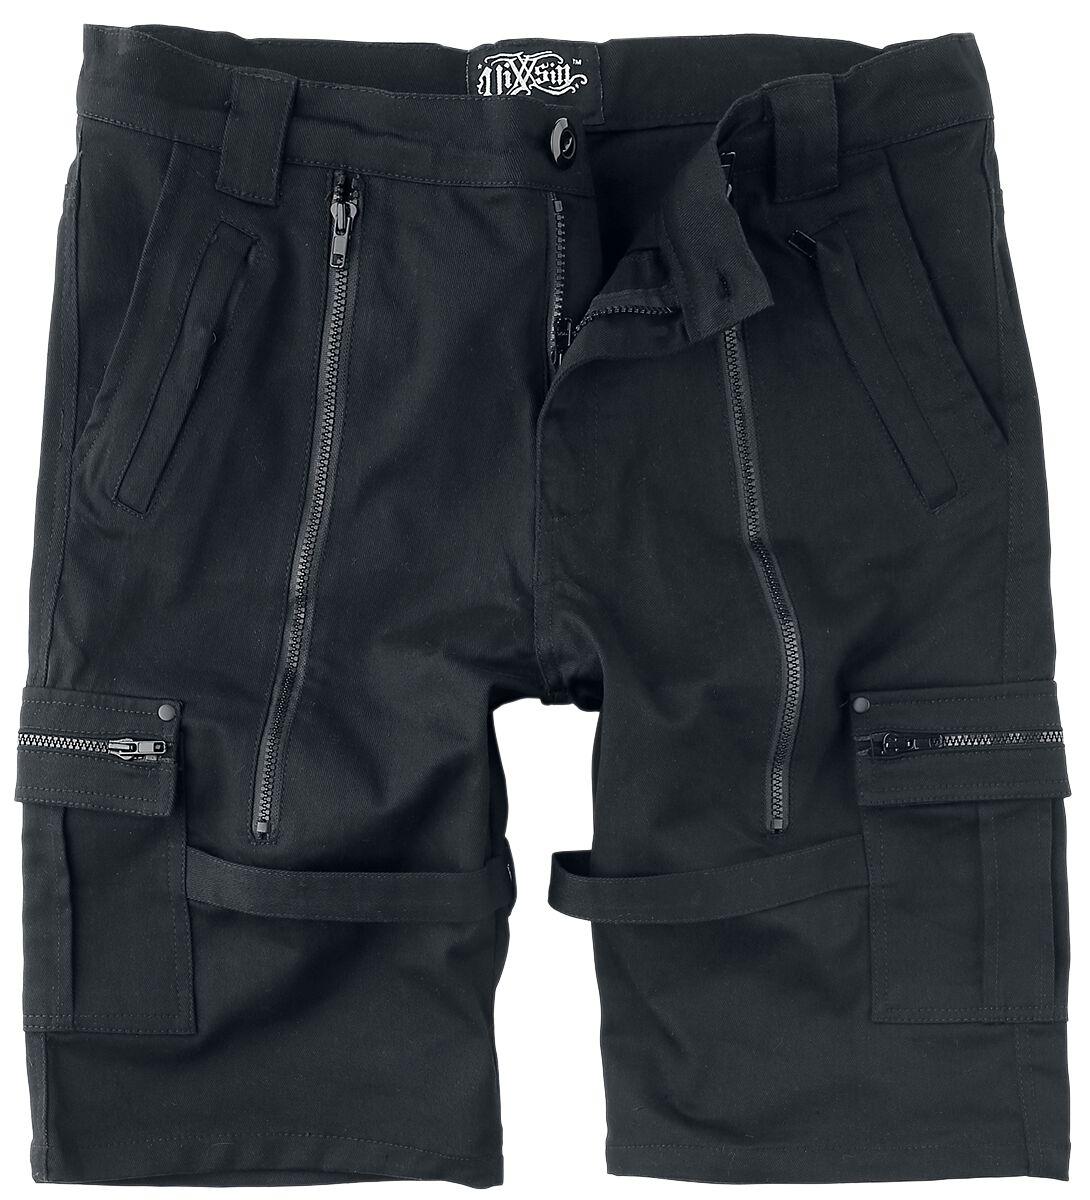 Vixxsin Treyton Shorts Short schwarz P-TREYTAONM-B